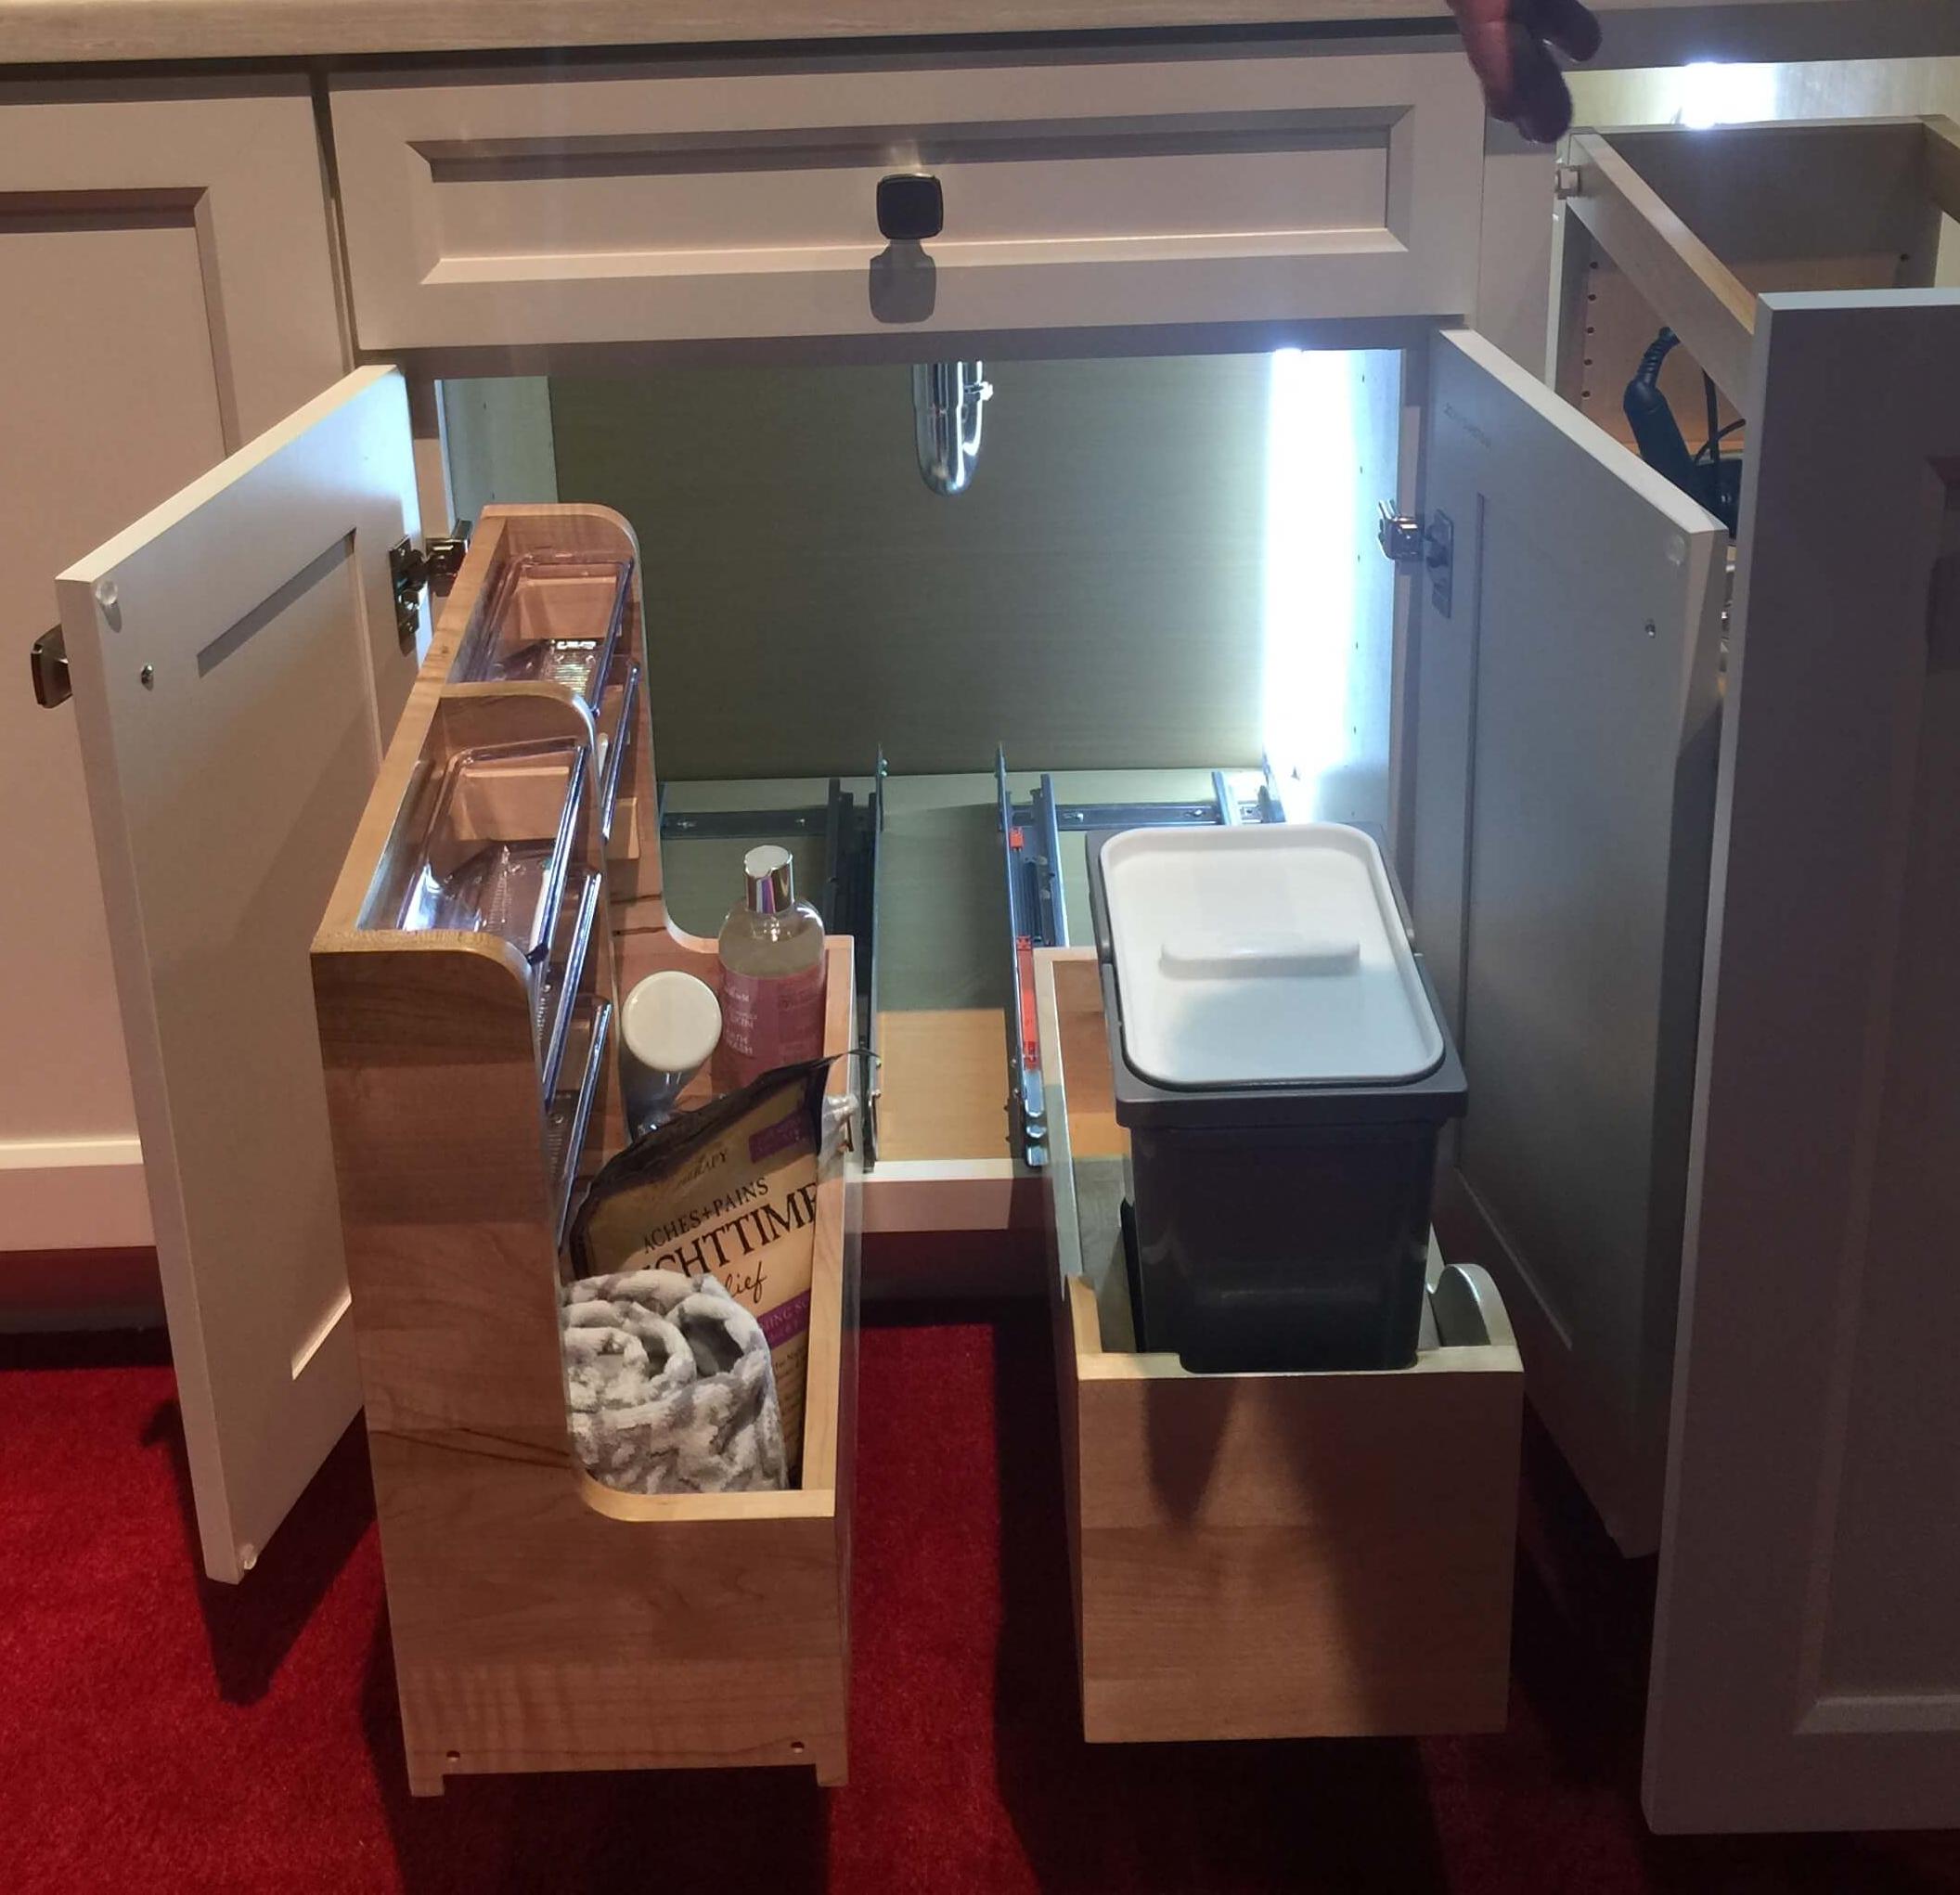 More under sink organized storage from Rev-A-Shelf #homeorganization #storage #storageideas #bathroomsink